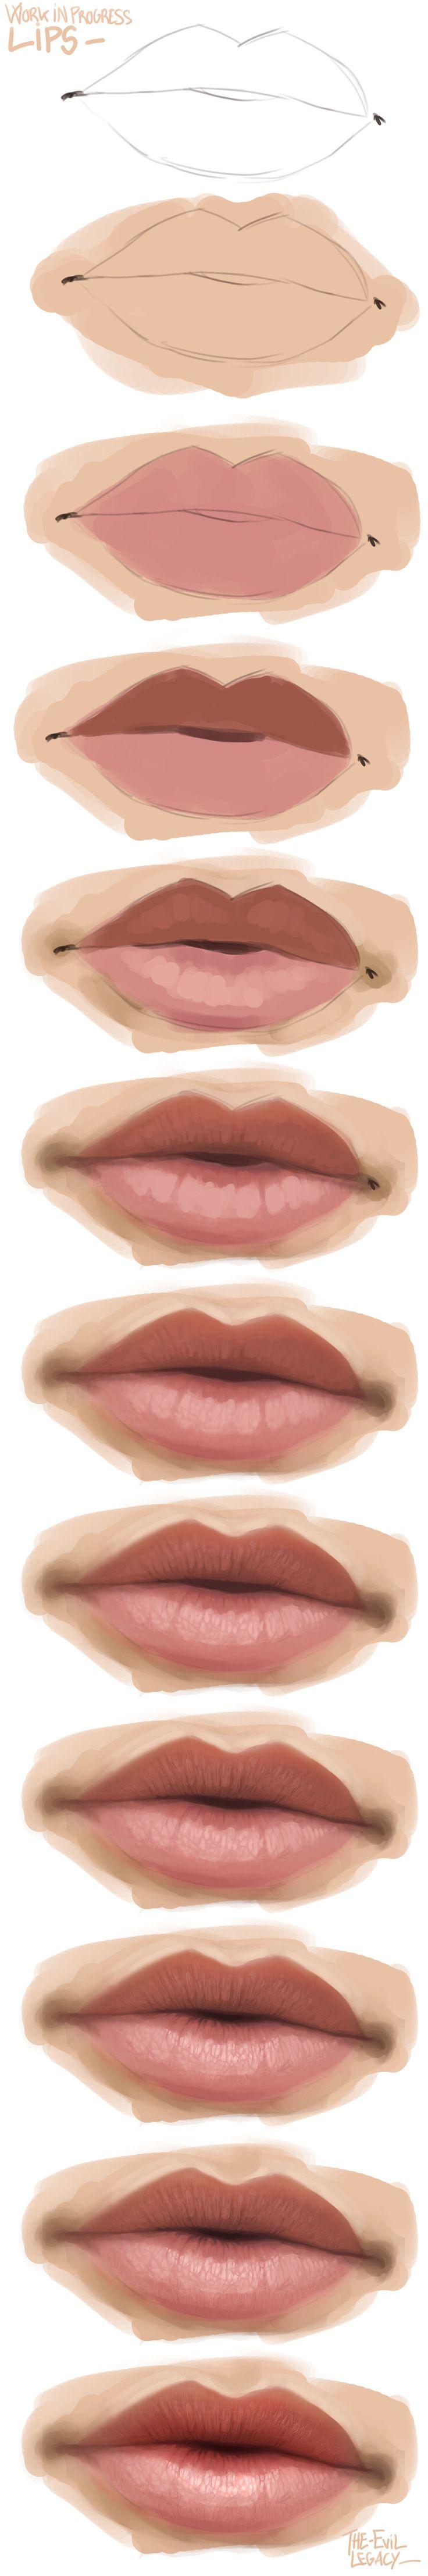 En esta imagen se nota el proceso utilizado para dibujar y dar un poco de proundidad a unos labios animados. Esta es una gran tecnia utilizada por animadores reconocidos para utilizarlas e sus animes.